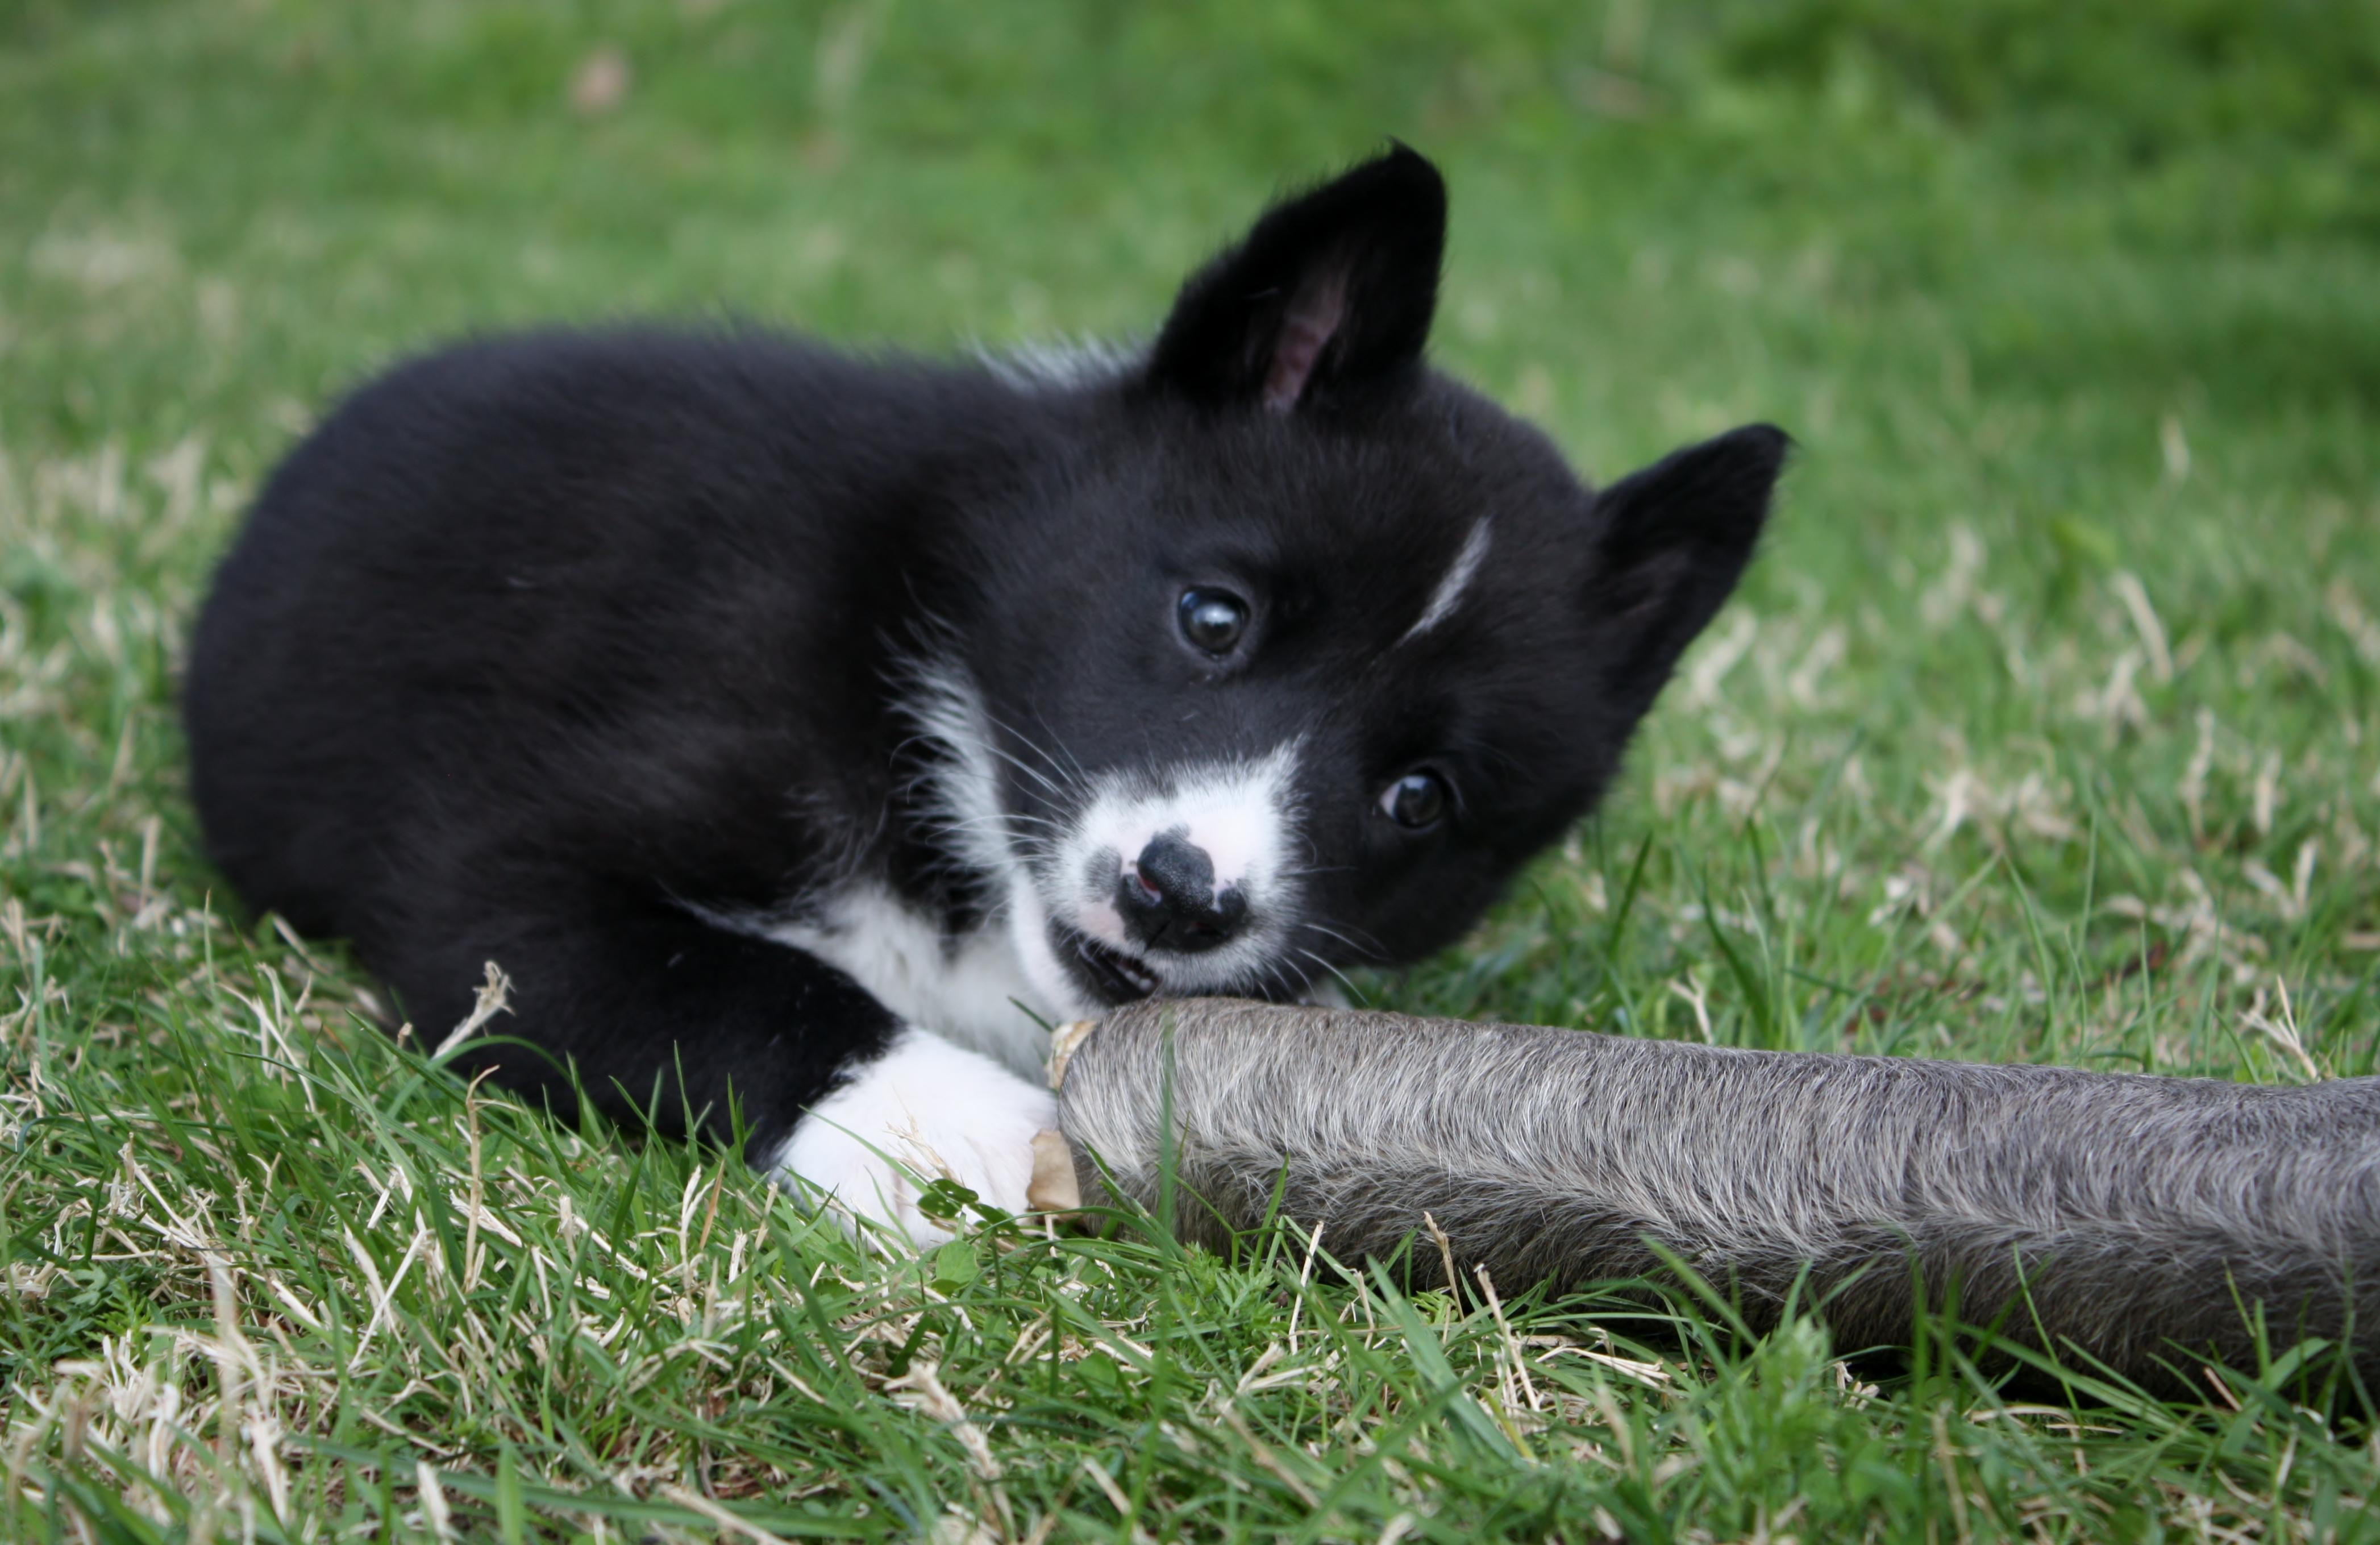 Täckhundslista uppdaterad